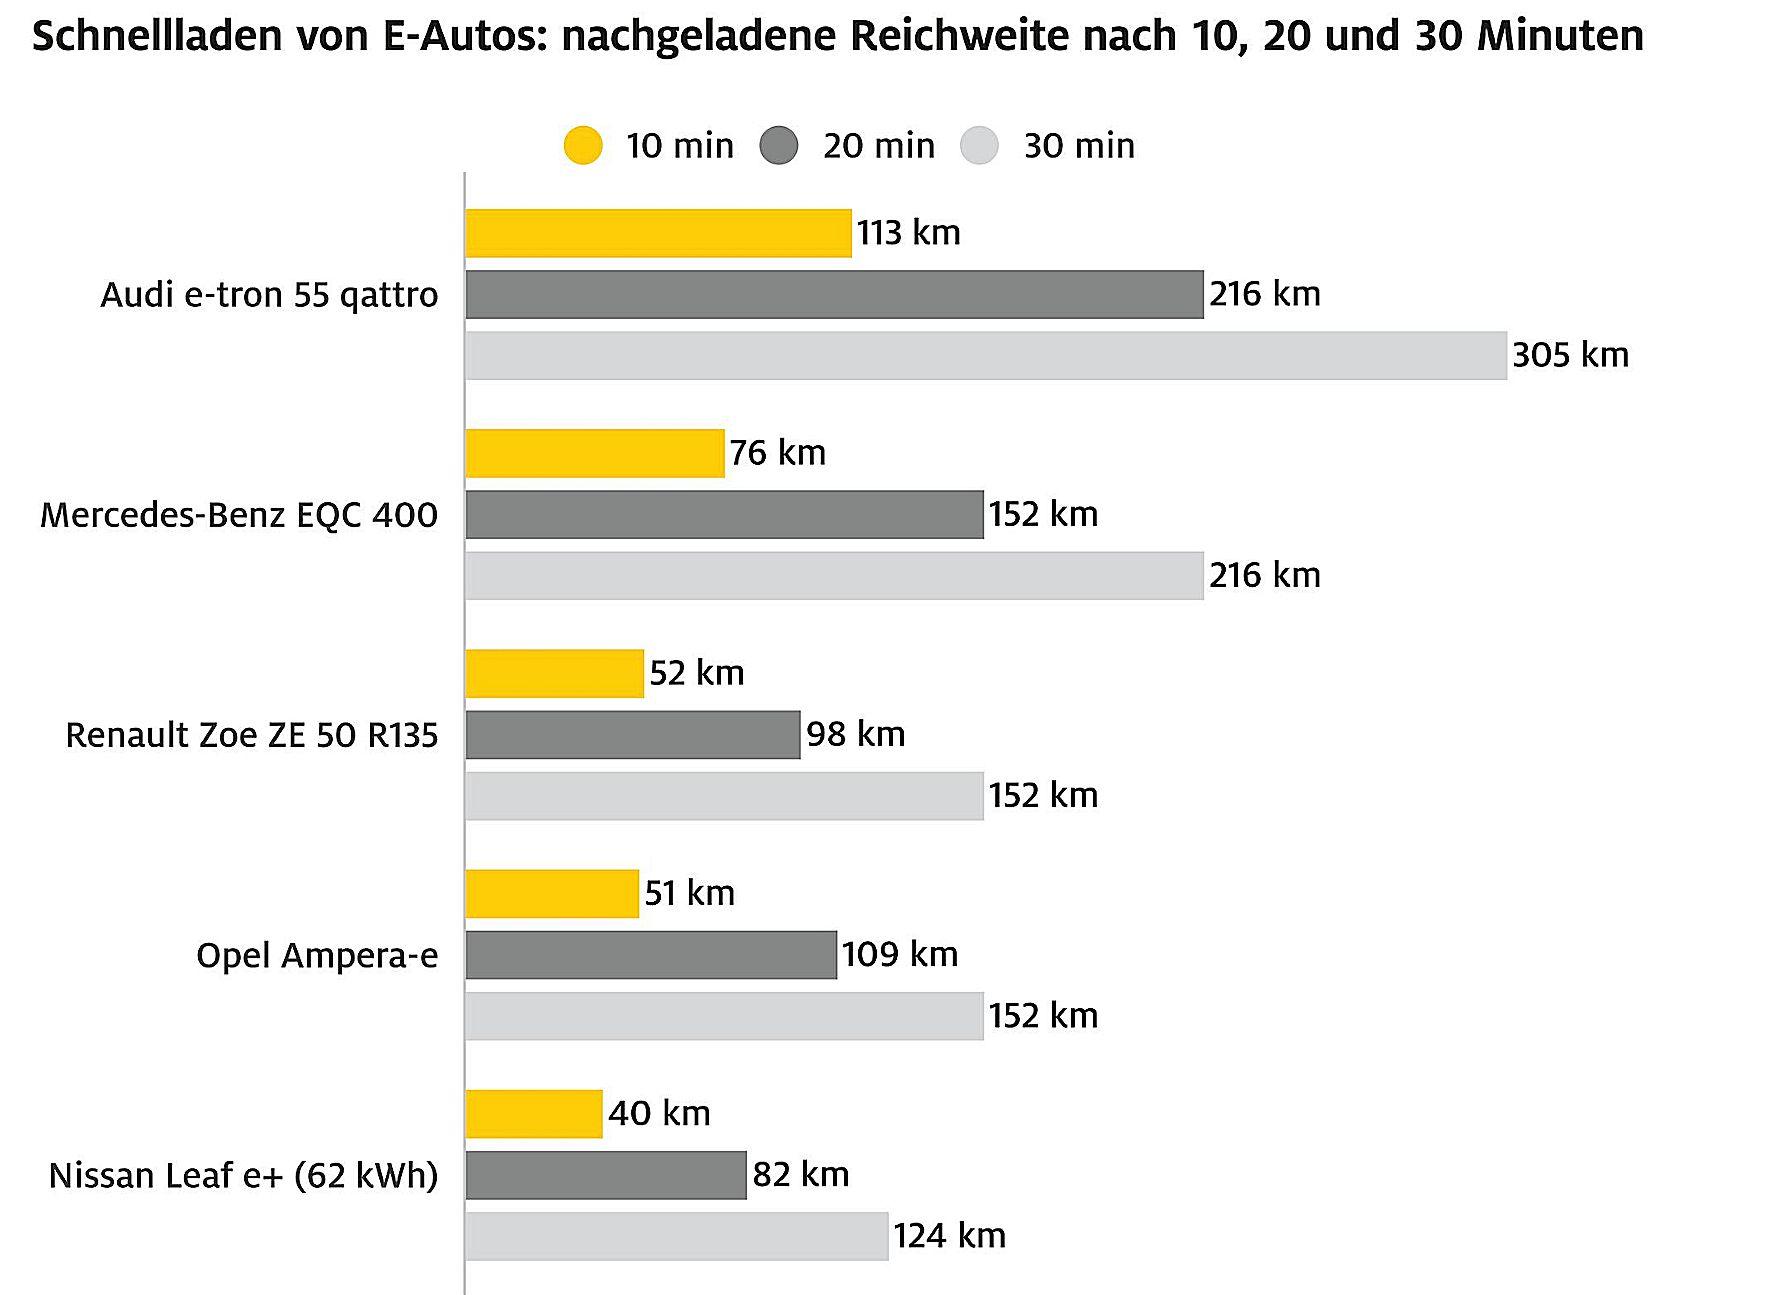 mid Groß-Gerau - Beim Laden über 30 Minuten hängt der Audi e-tron seine Marktbegleiter deutlich ab. ADAC